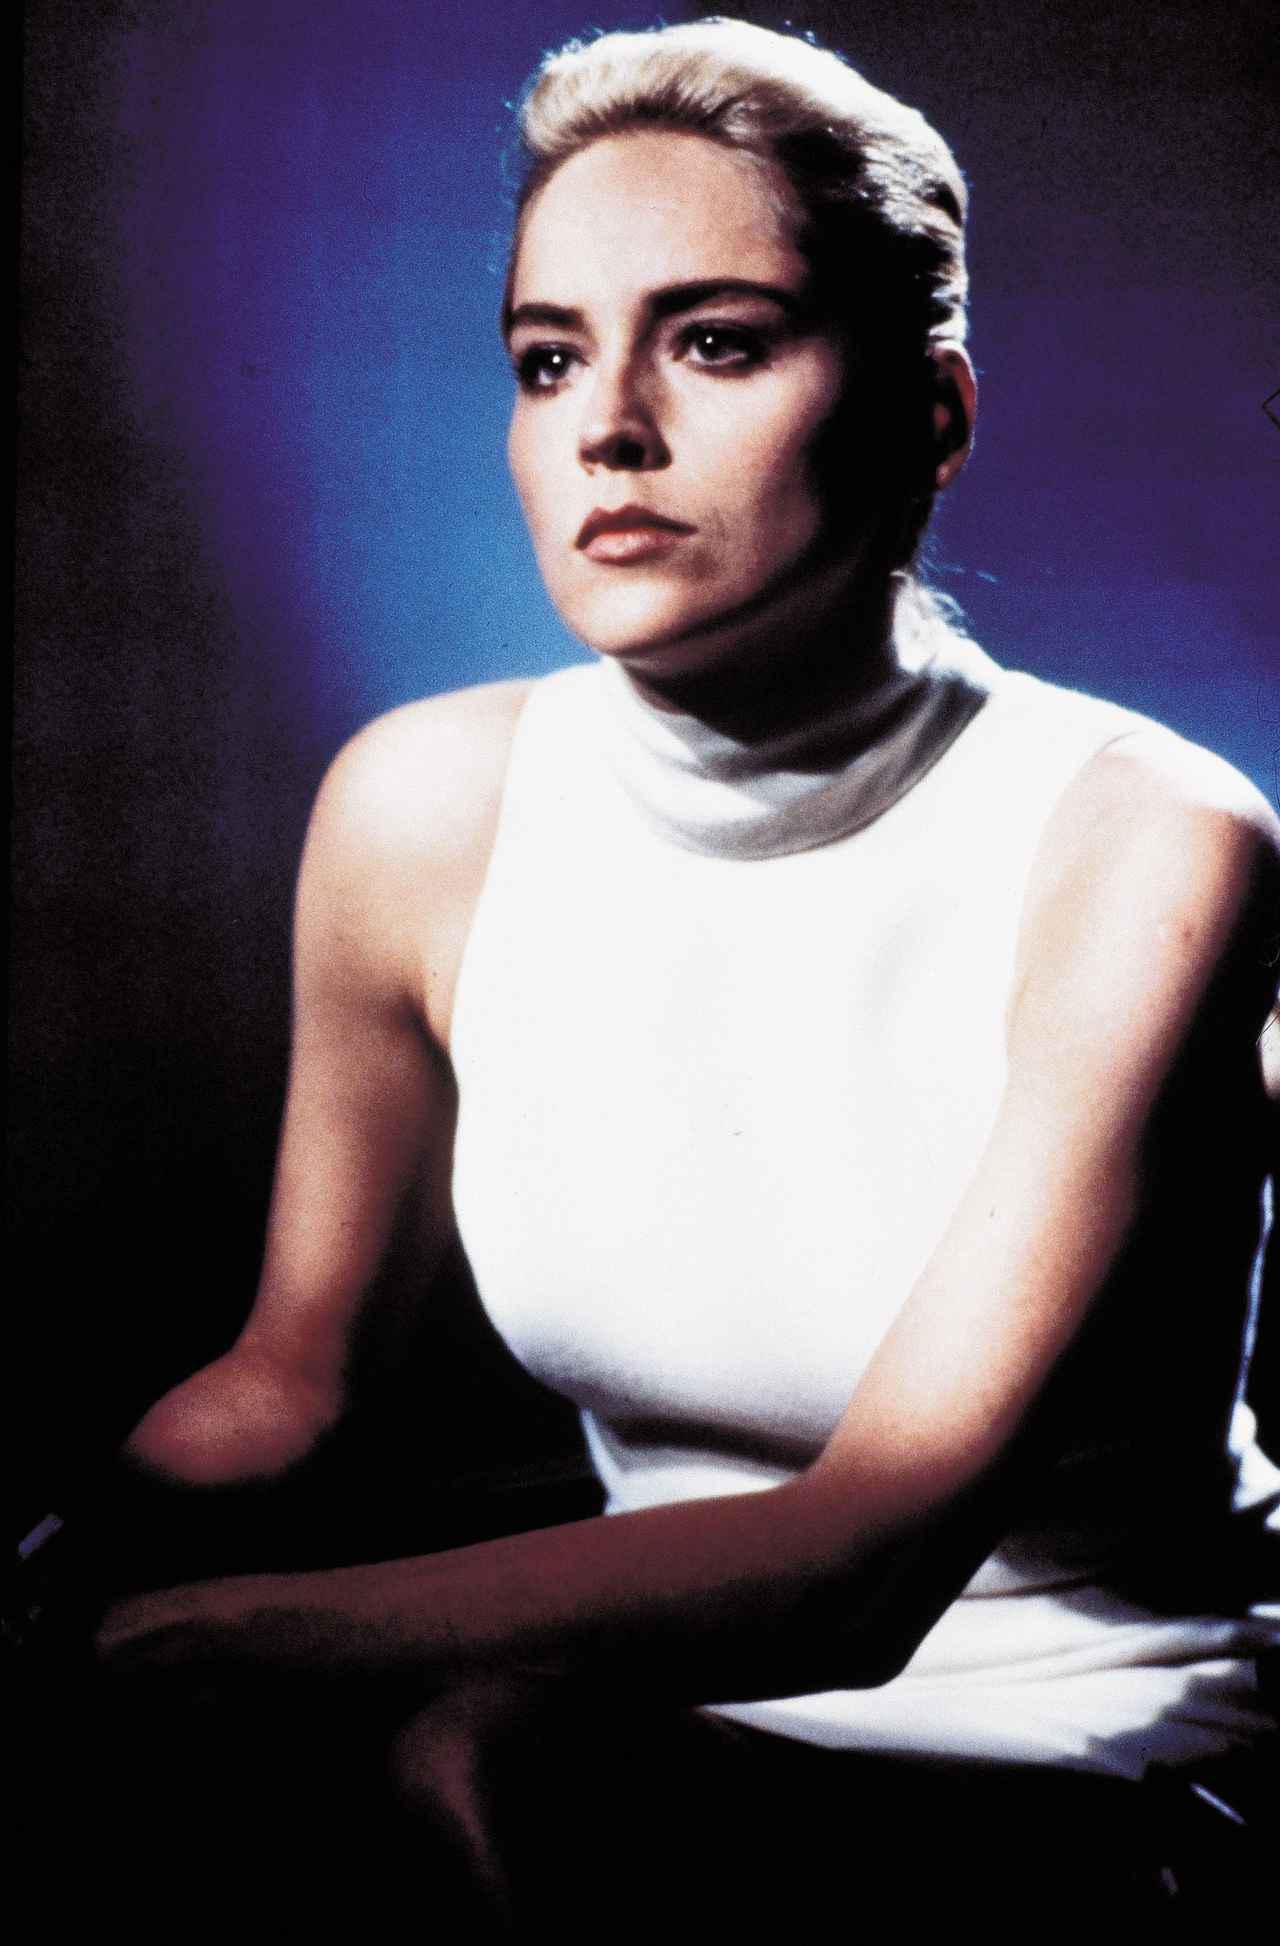 画像: 『氷の微笑』でのシャロン・ストーン。 ⓒTRI STAR PICTURES / Album/Newscom